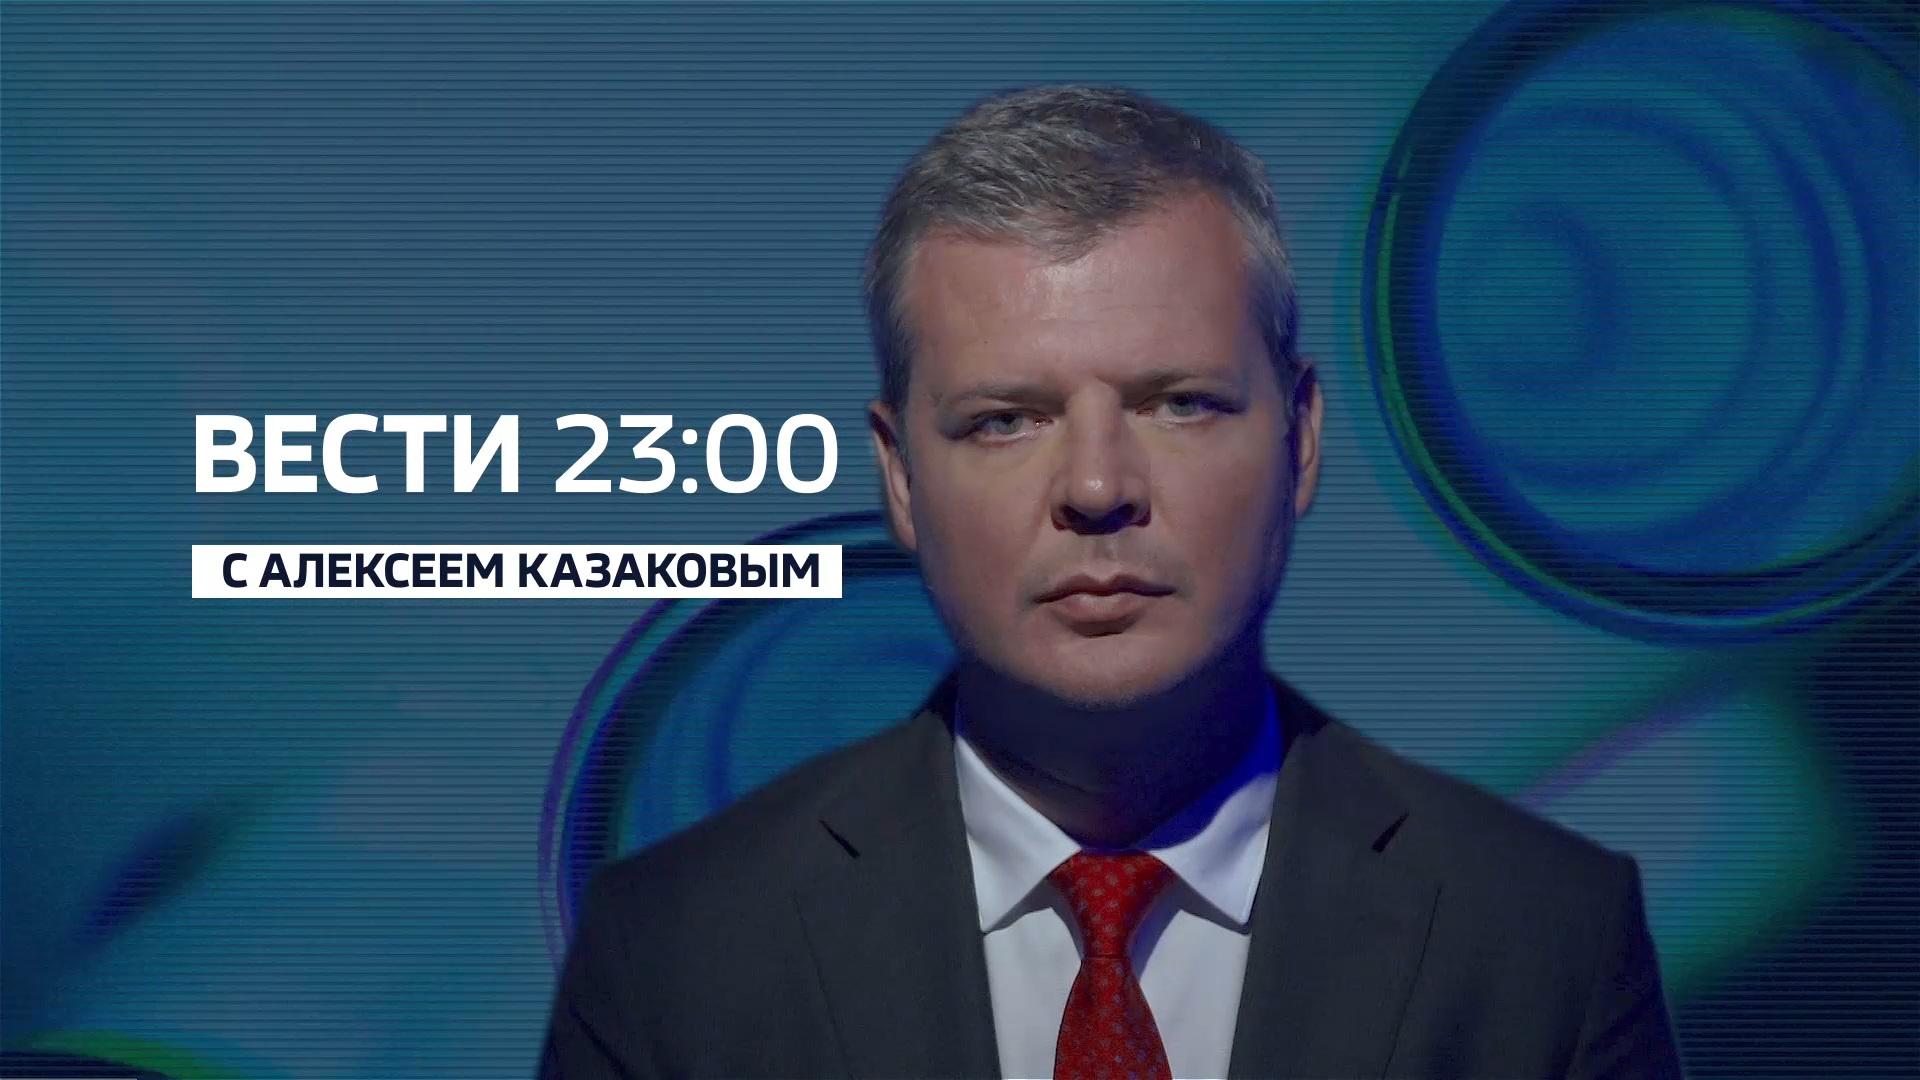 Вести с Алексеем Казаковым